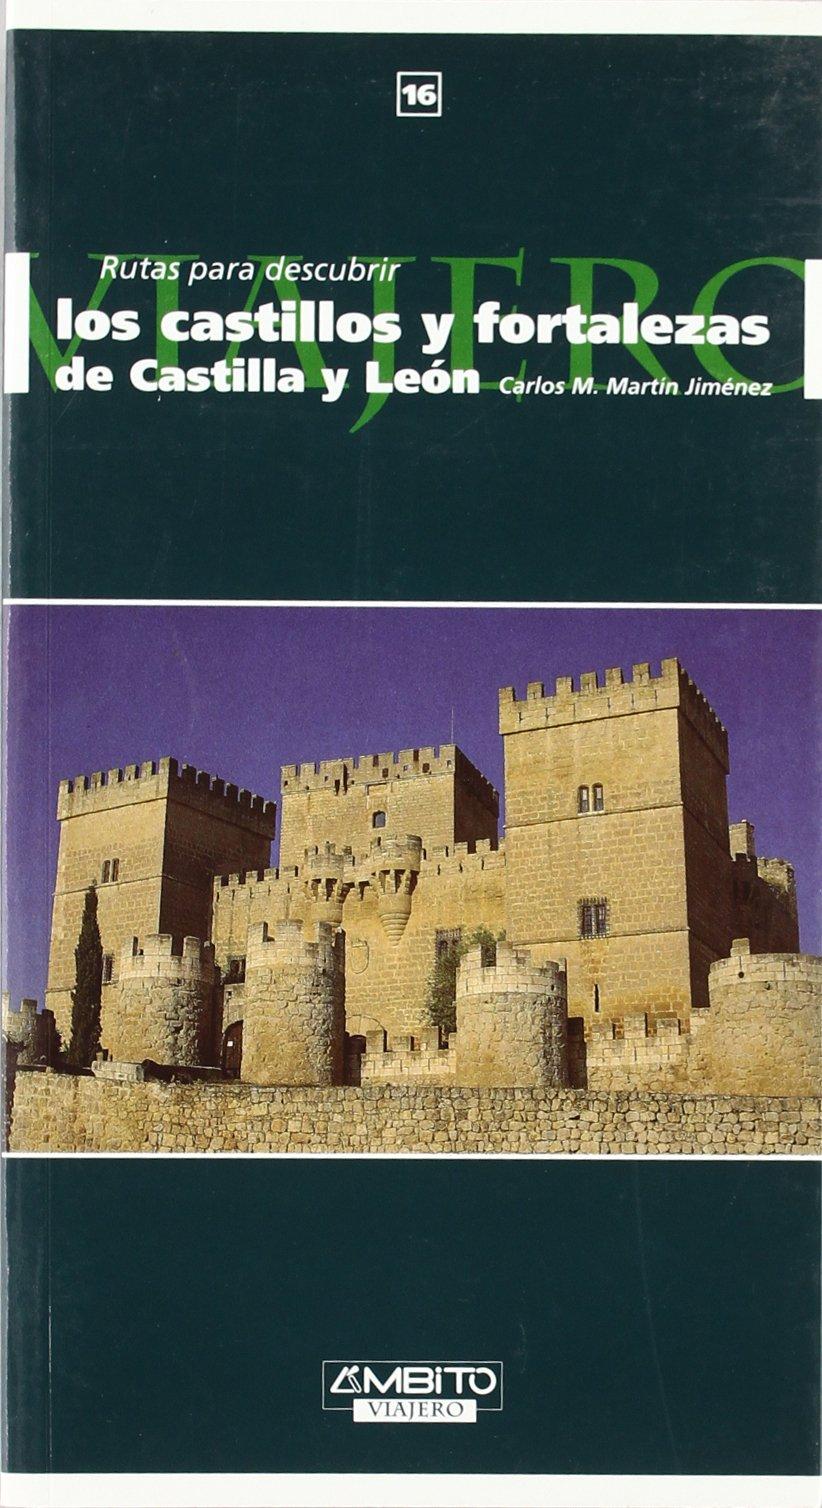 Castillos y fortalezas de Castilla y León: Amazon.es: Martin Jimenez, Carlos M.: Libros